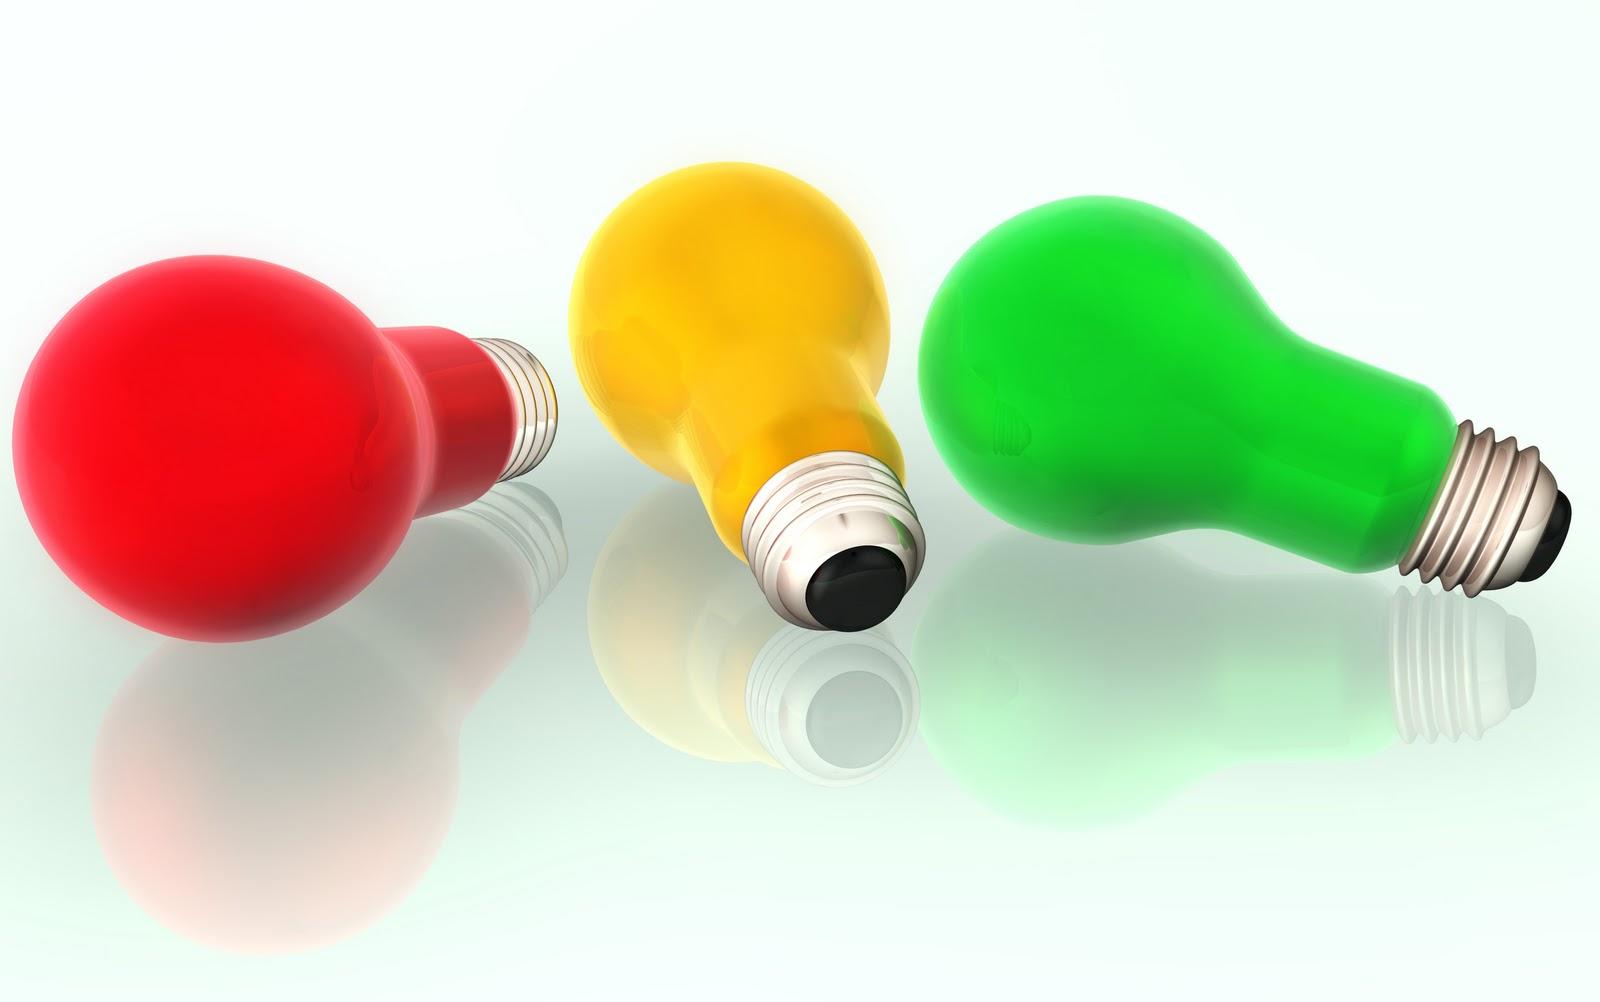 Red Light Green Light Yellow Light